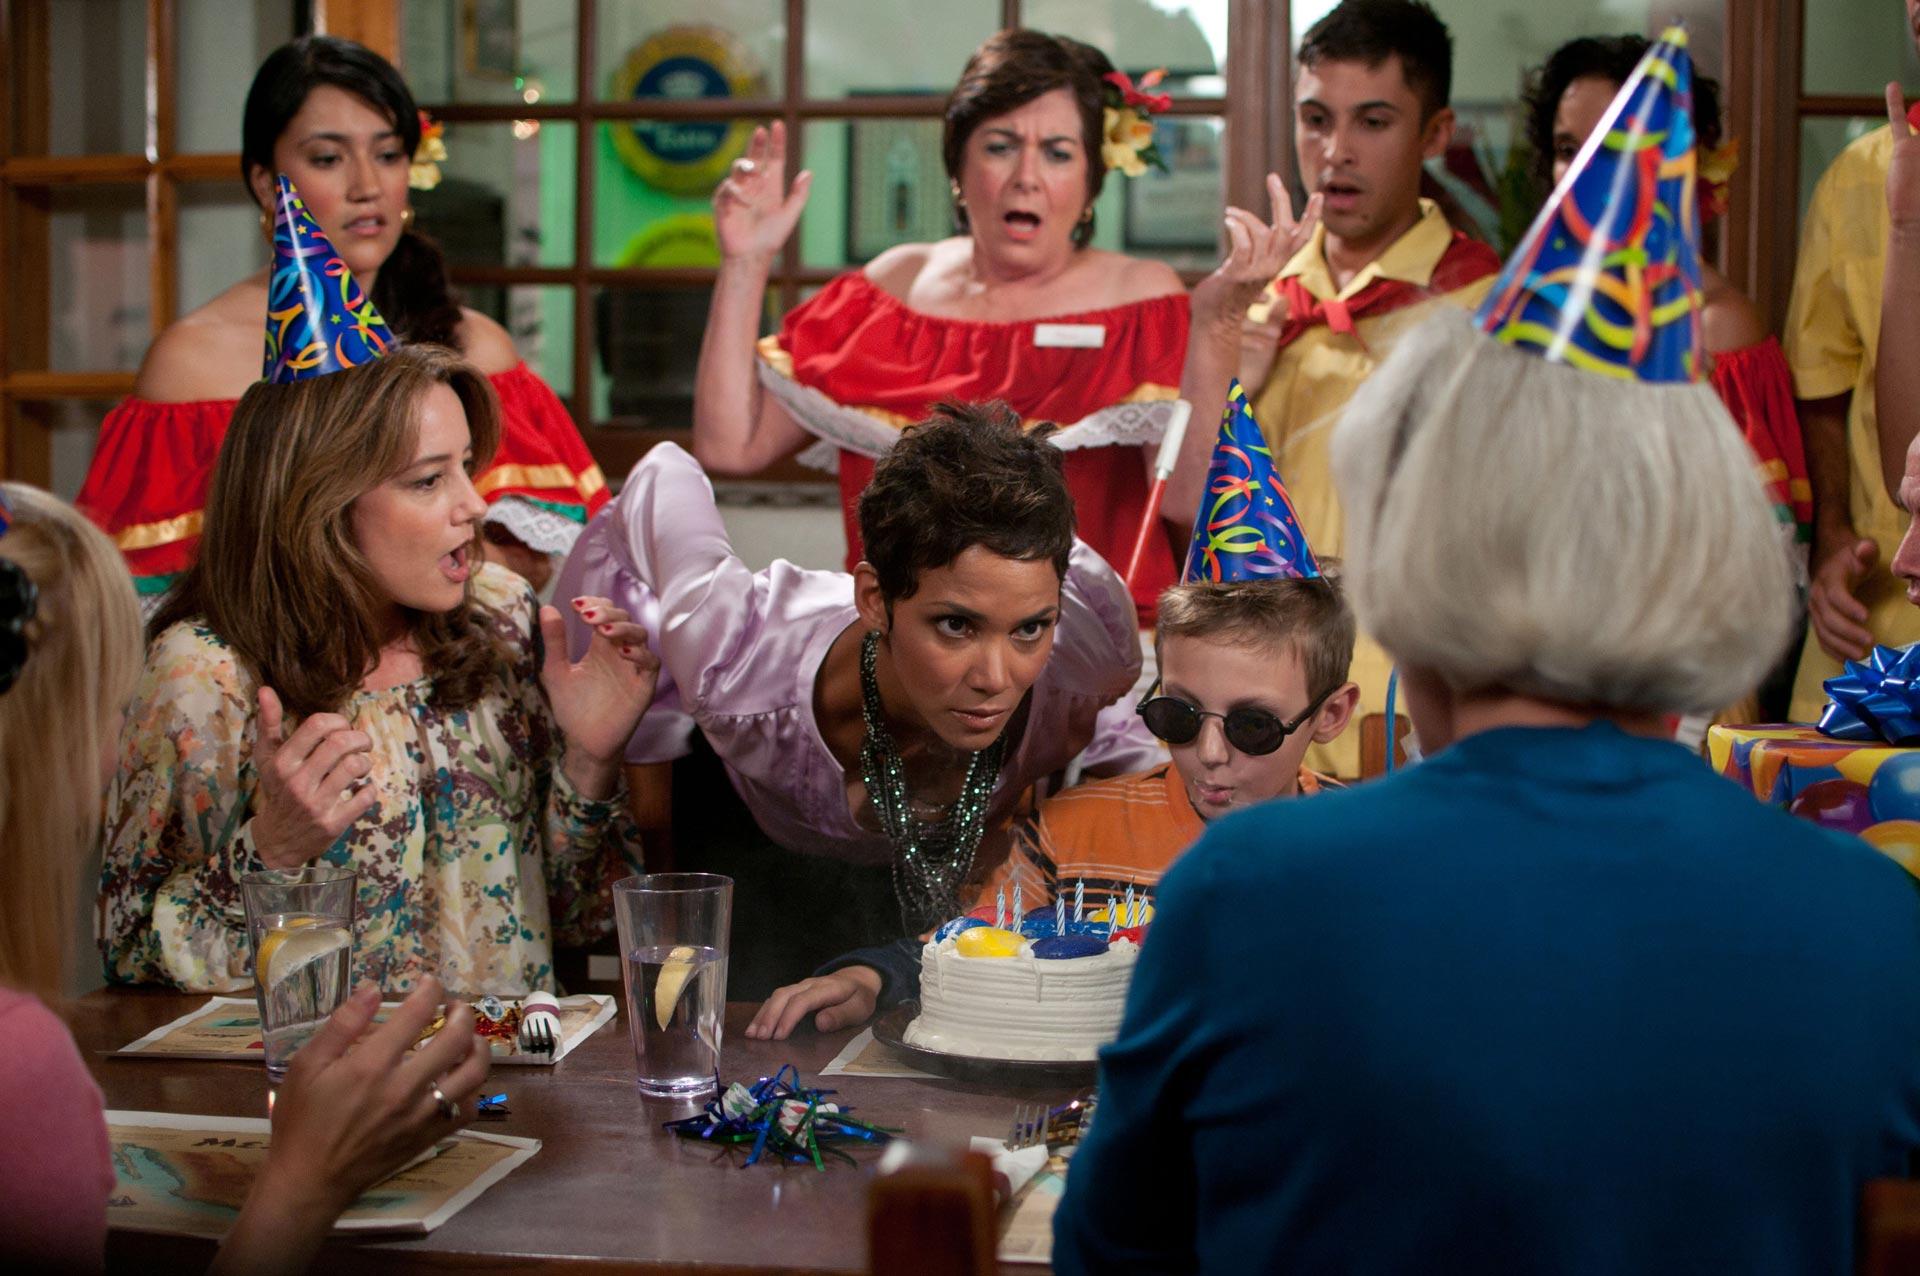 https://i1.wp.com/www.filmofilia.com/wp-content/uploads/2012/11/Movie-43_13.jpg